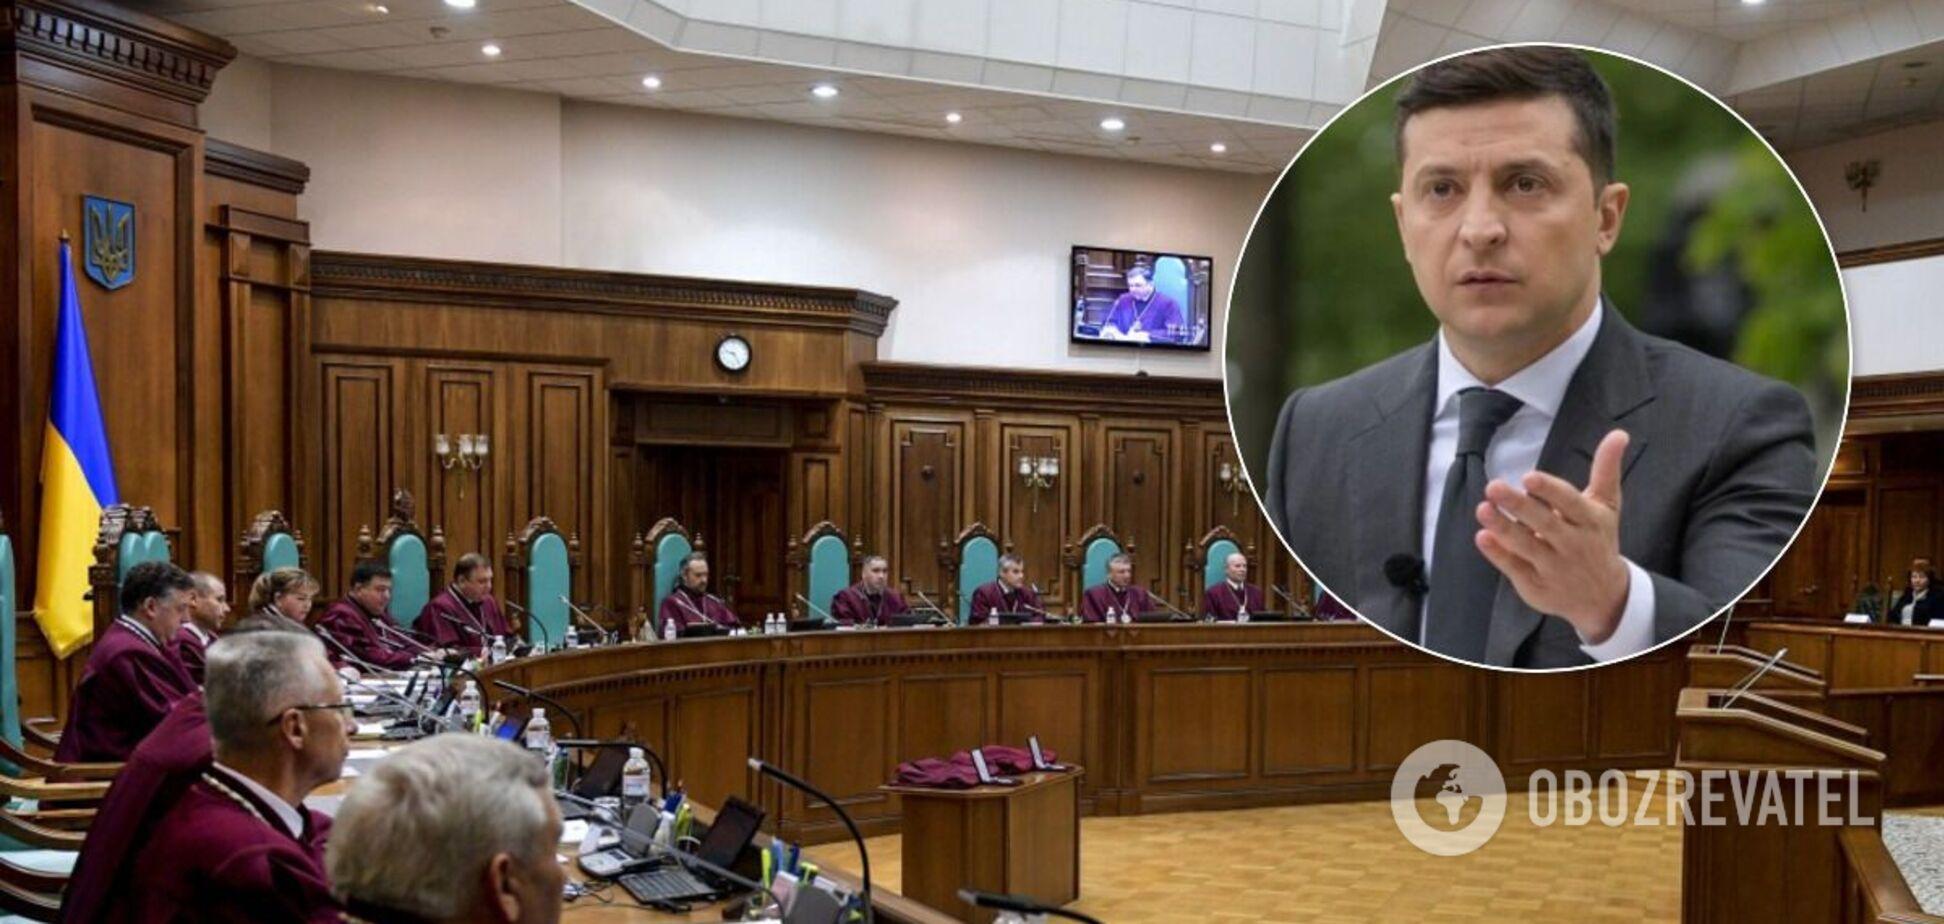 Венеційська комісія виступила проти законопроекту Зеленського про звільнення суддів КС